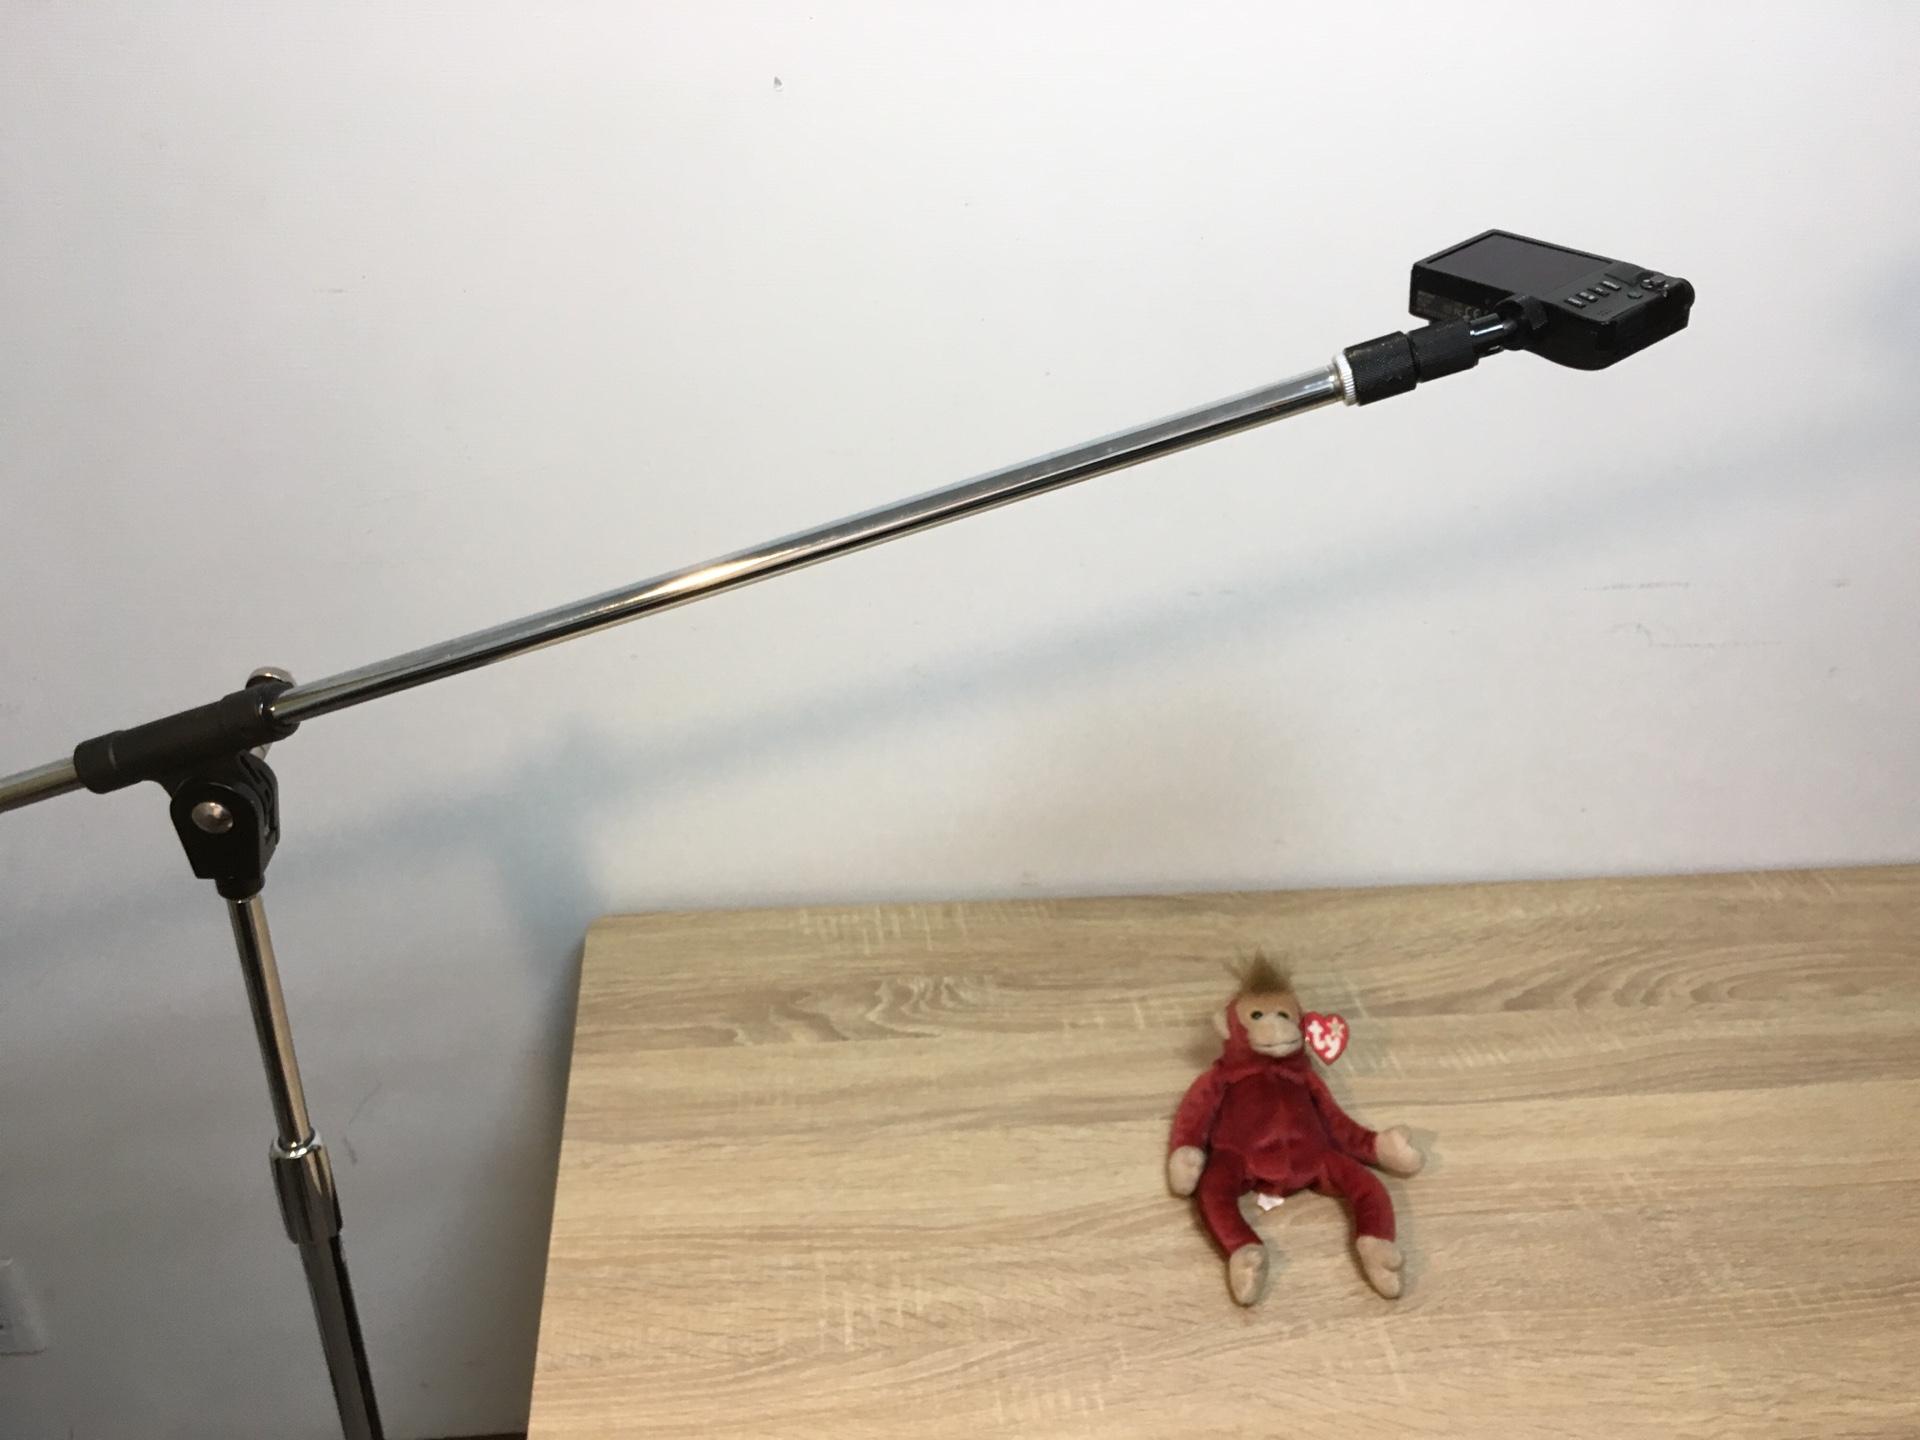 通常のカメラ三脚で困難な撮影は標準ブームマイクスタンドで対応できる!